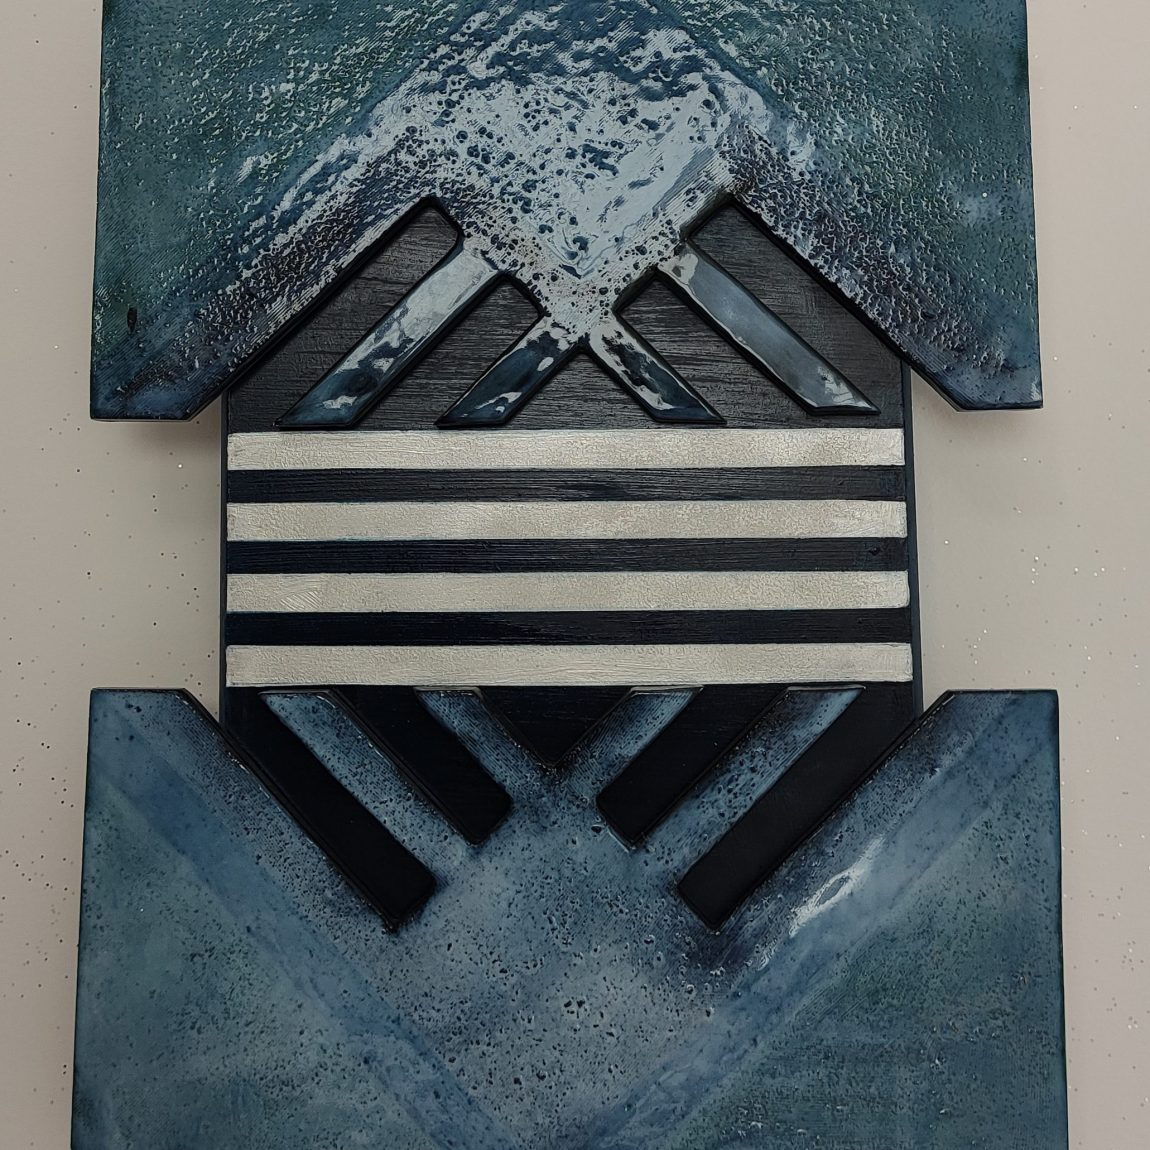 Sanatçı : Ayşen Dinç- - Eser Adı: Girift -  Teknik: Plaka - Ölçü: 35 x 50 cm  - Fiyat : 590 TL